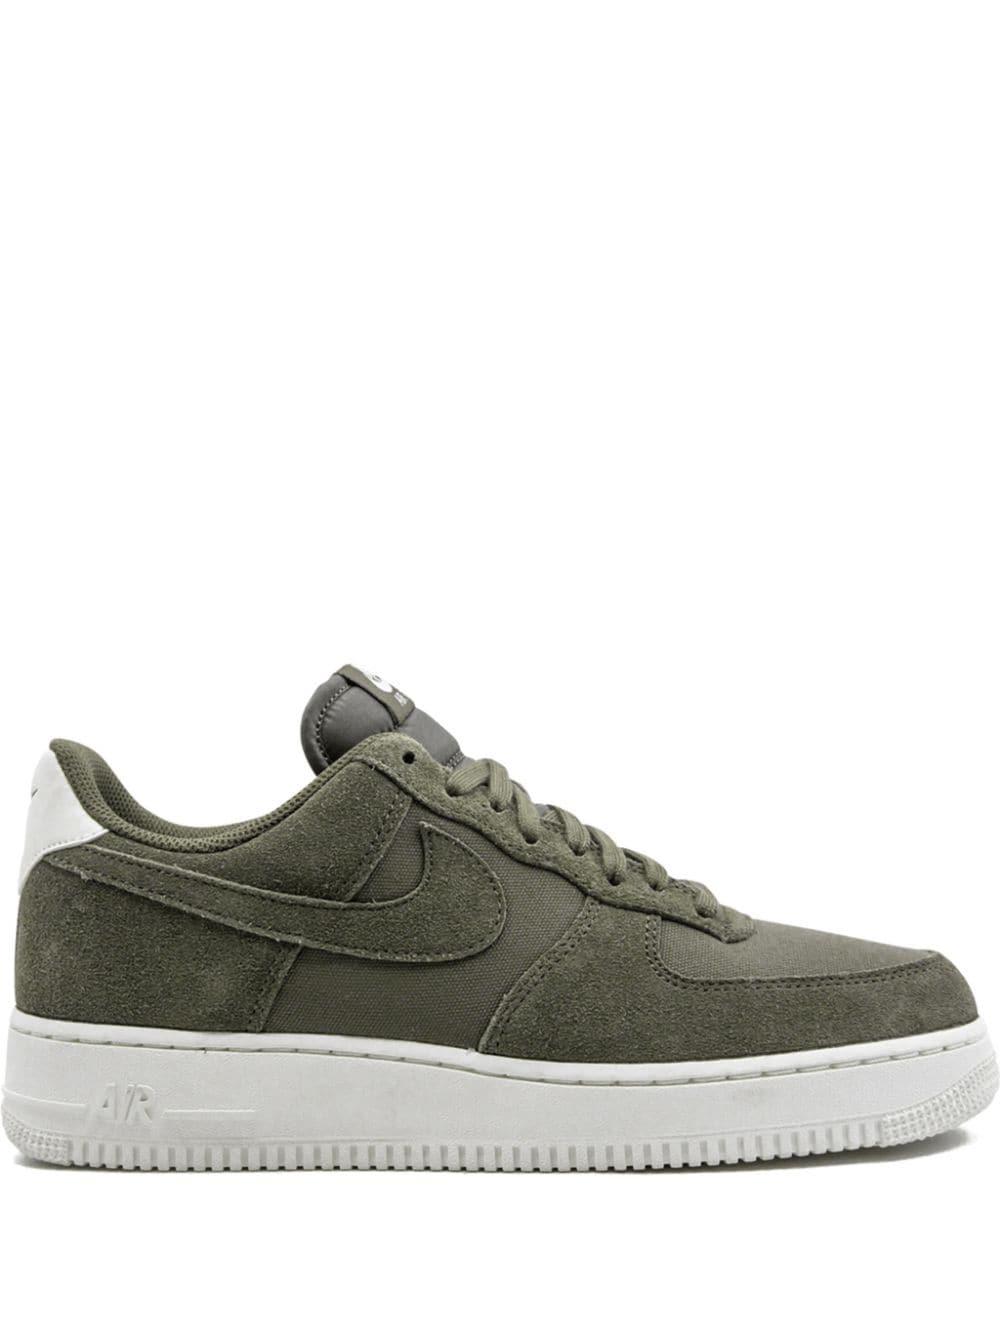 Nike Air Force 1 07 Sneakers Grun In Green Nike Air Nike Air Force Nike